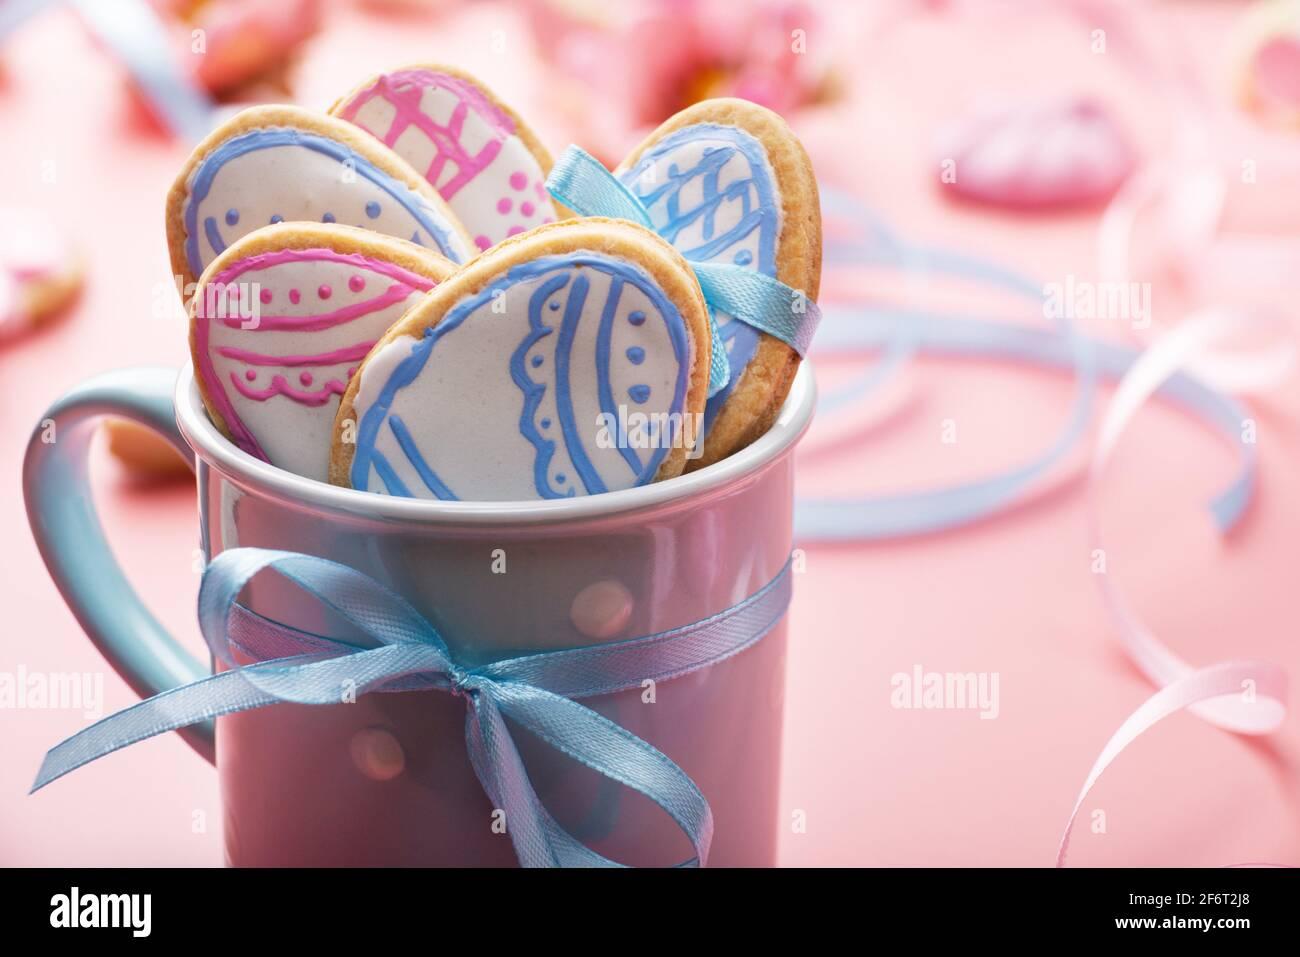 Fond de cuisson de Pâques de biscuits givrés en forme d'oeuf dans une tasse bleue sur fond rose. Banque D'Images